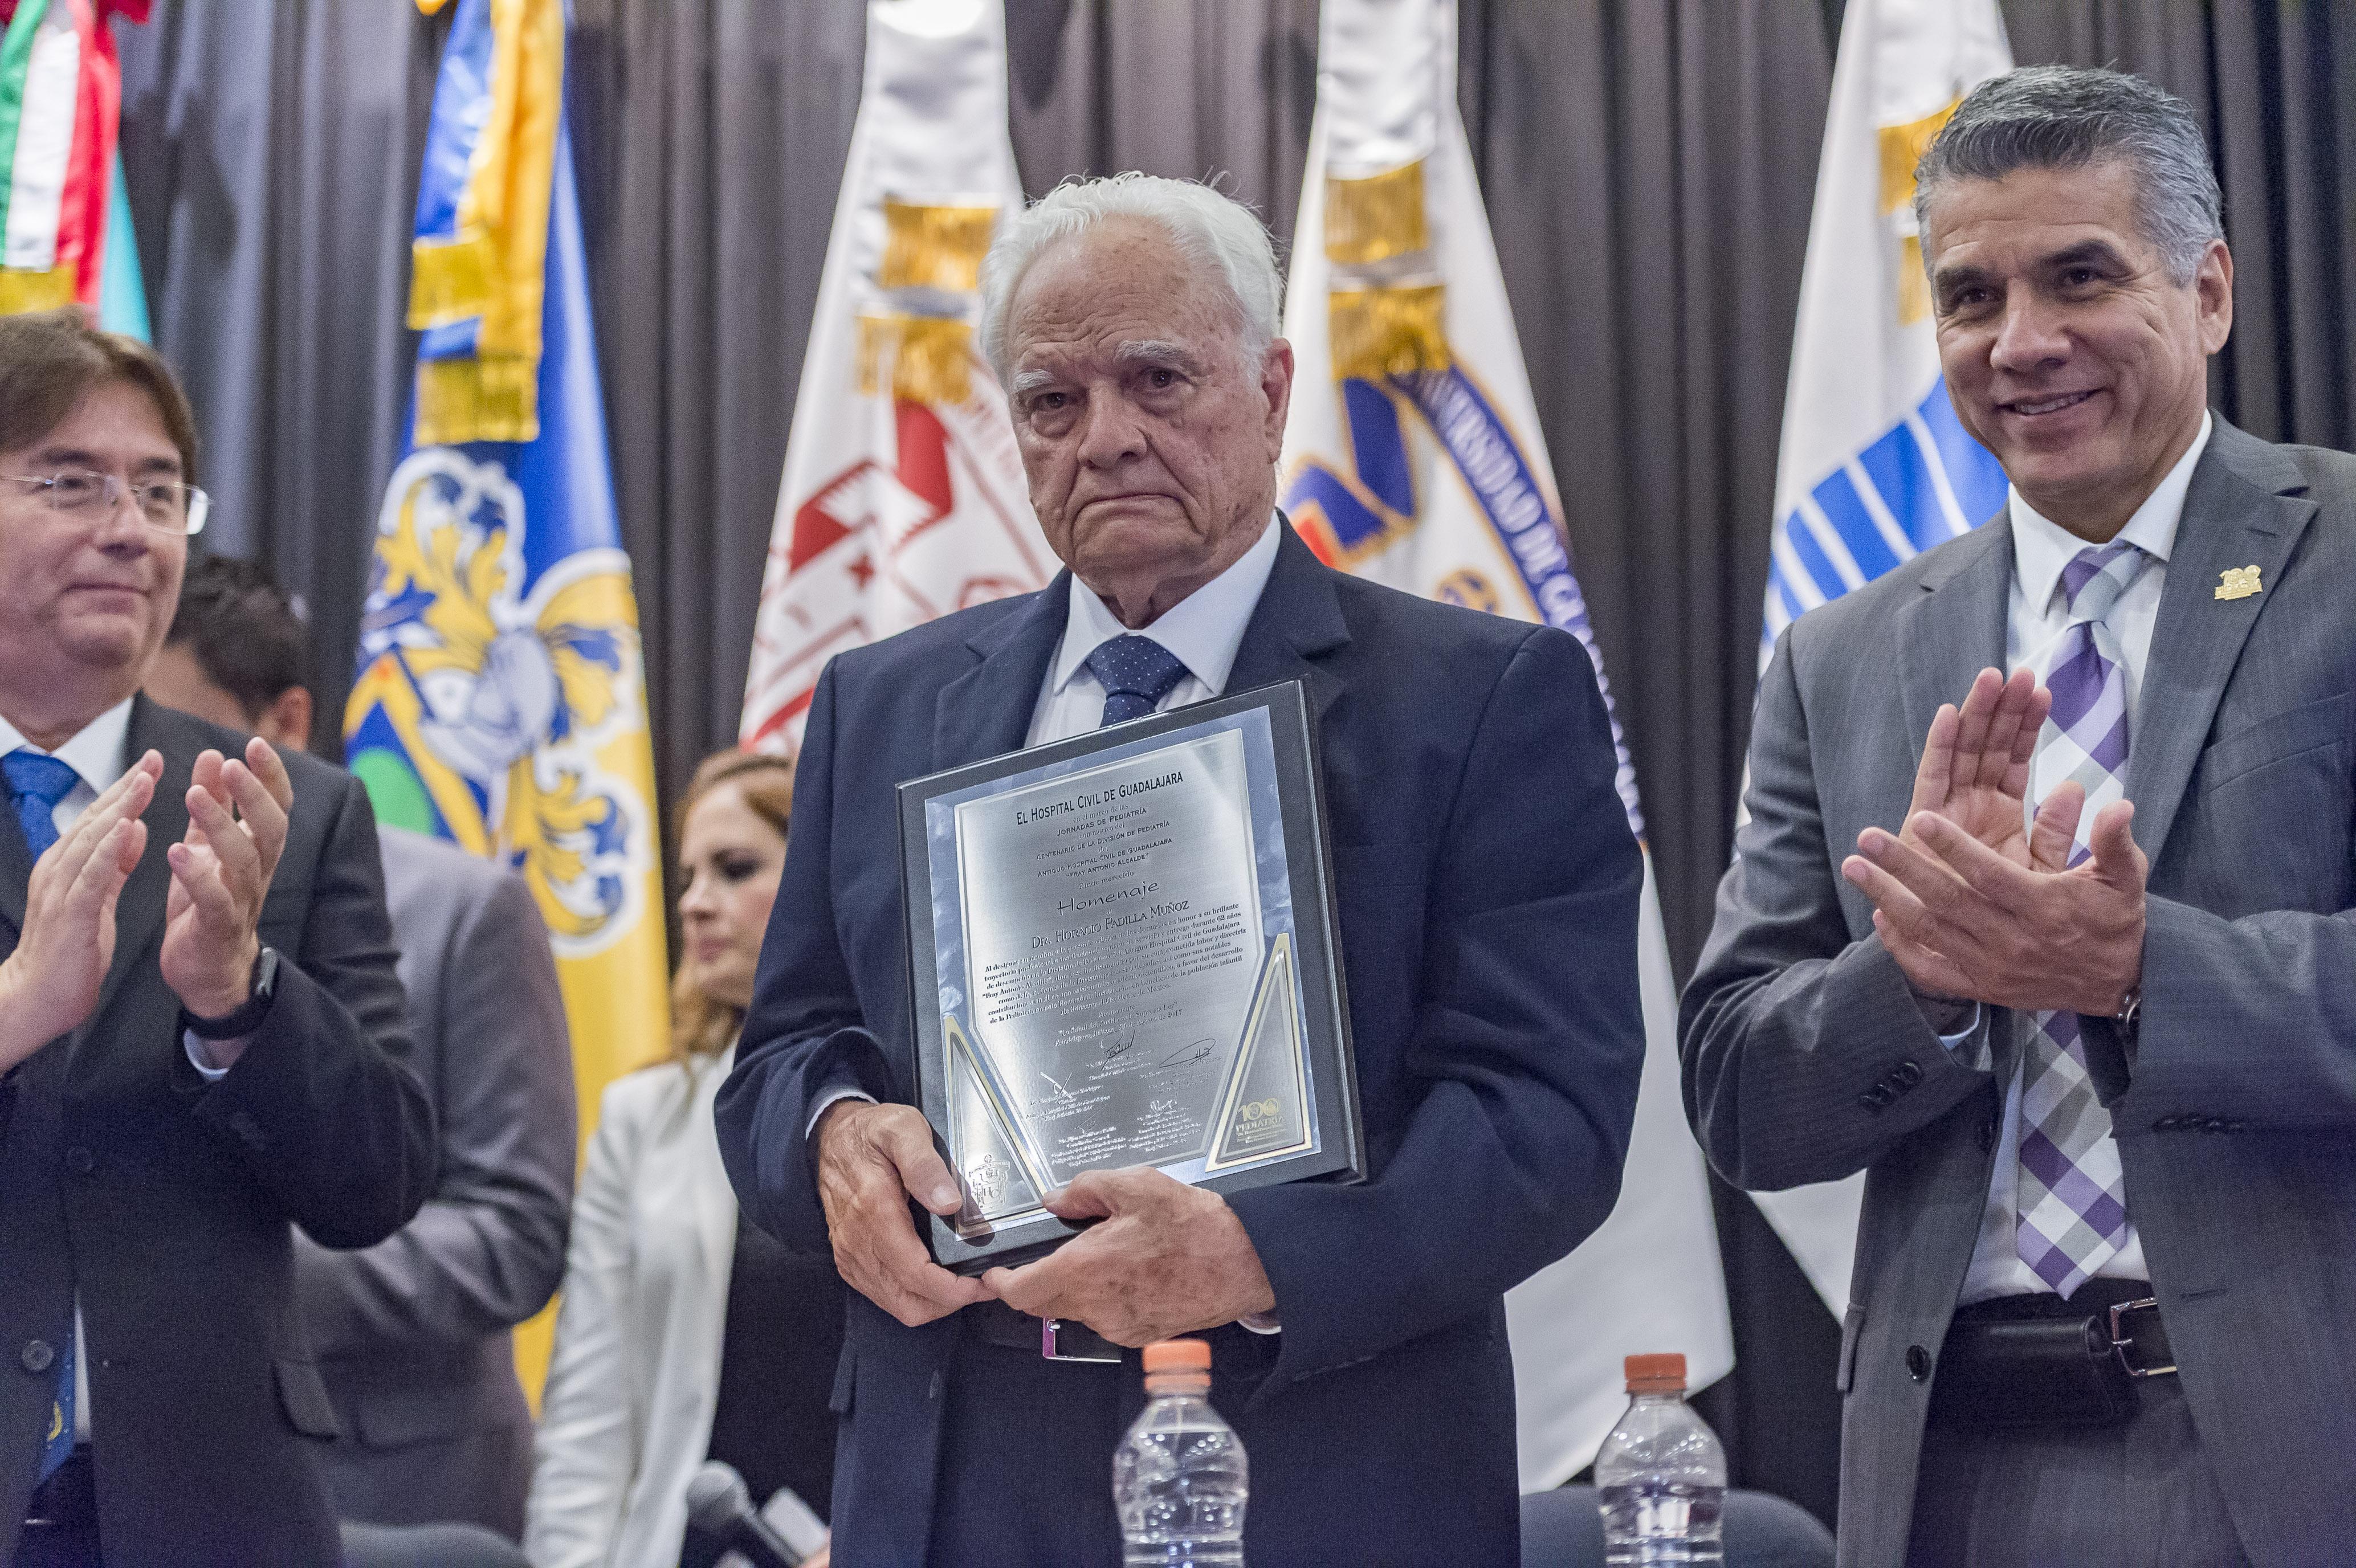 100 años de Pediatria, doctor Horacio Padilla